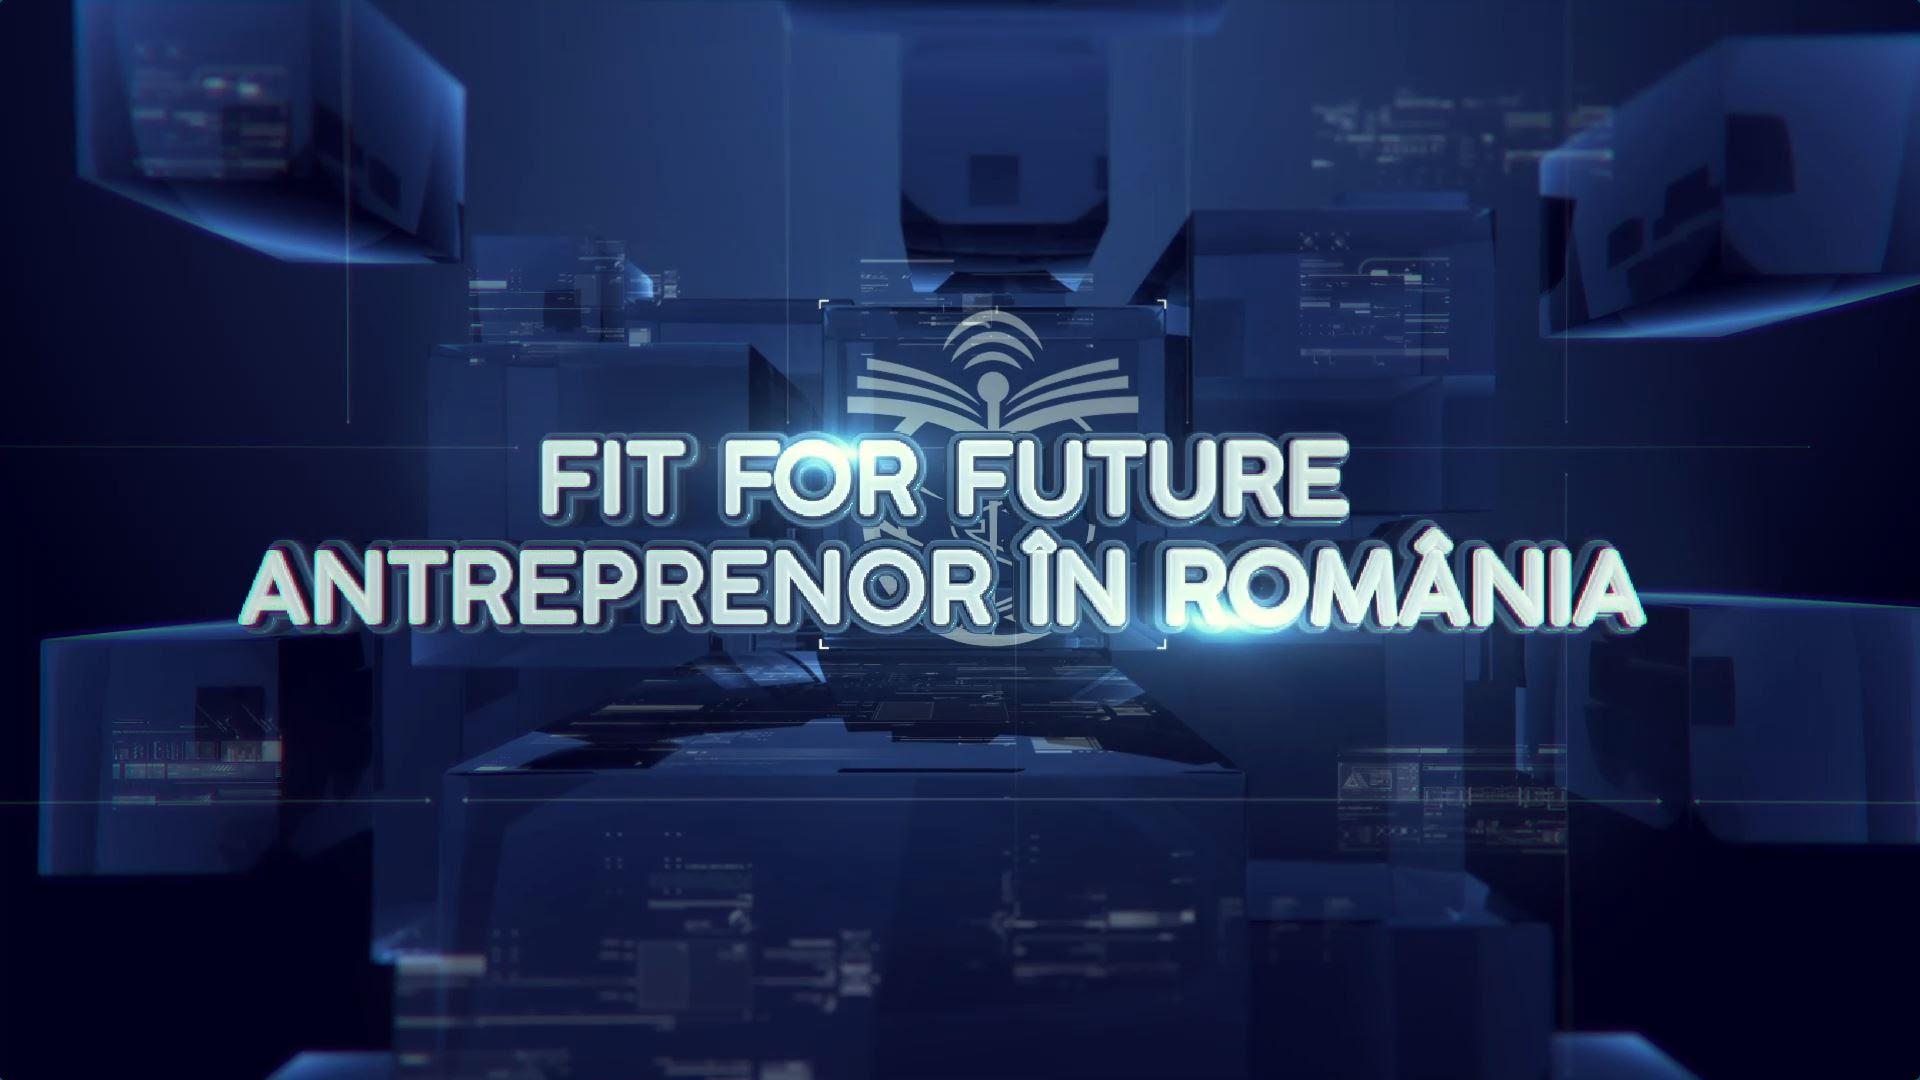 Fit_for_Future_Antreprenor